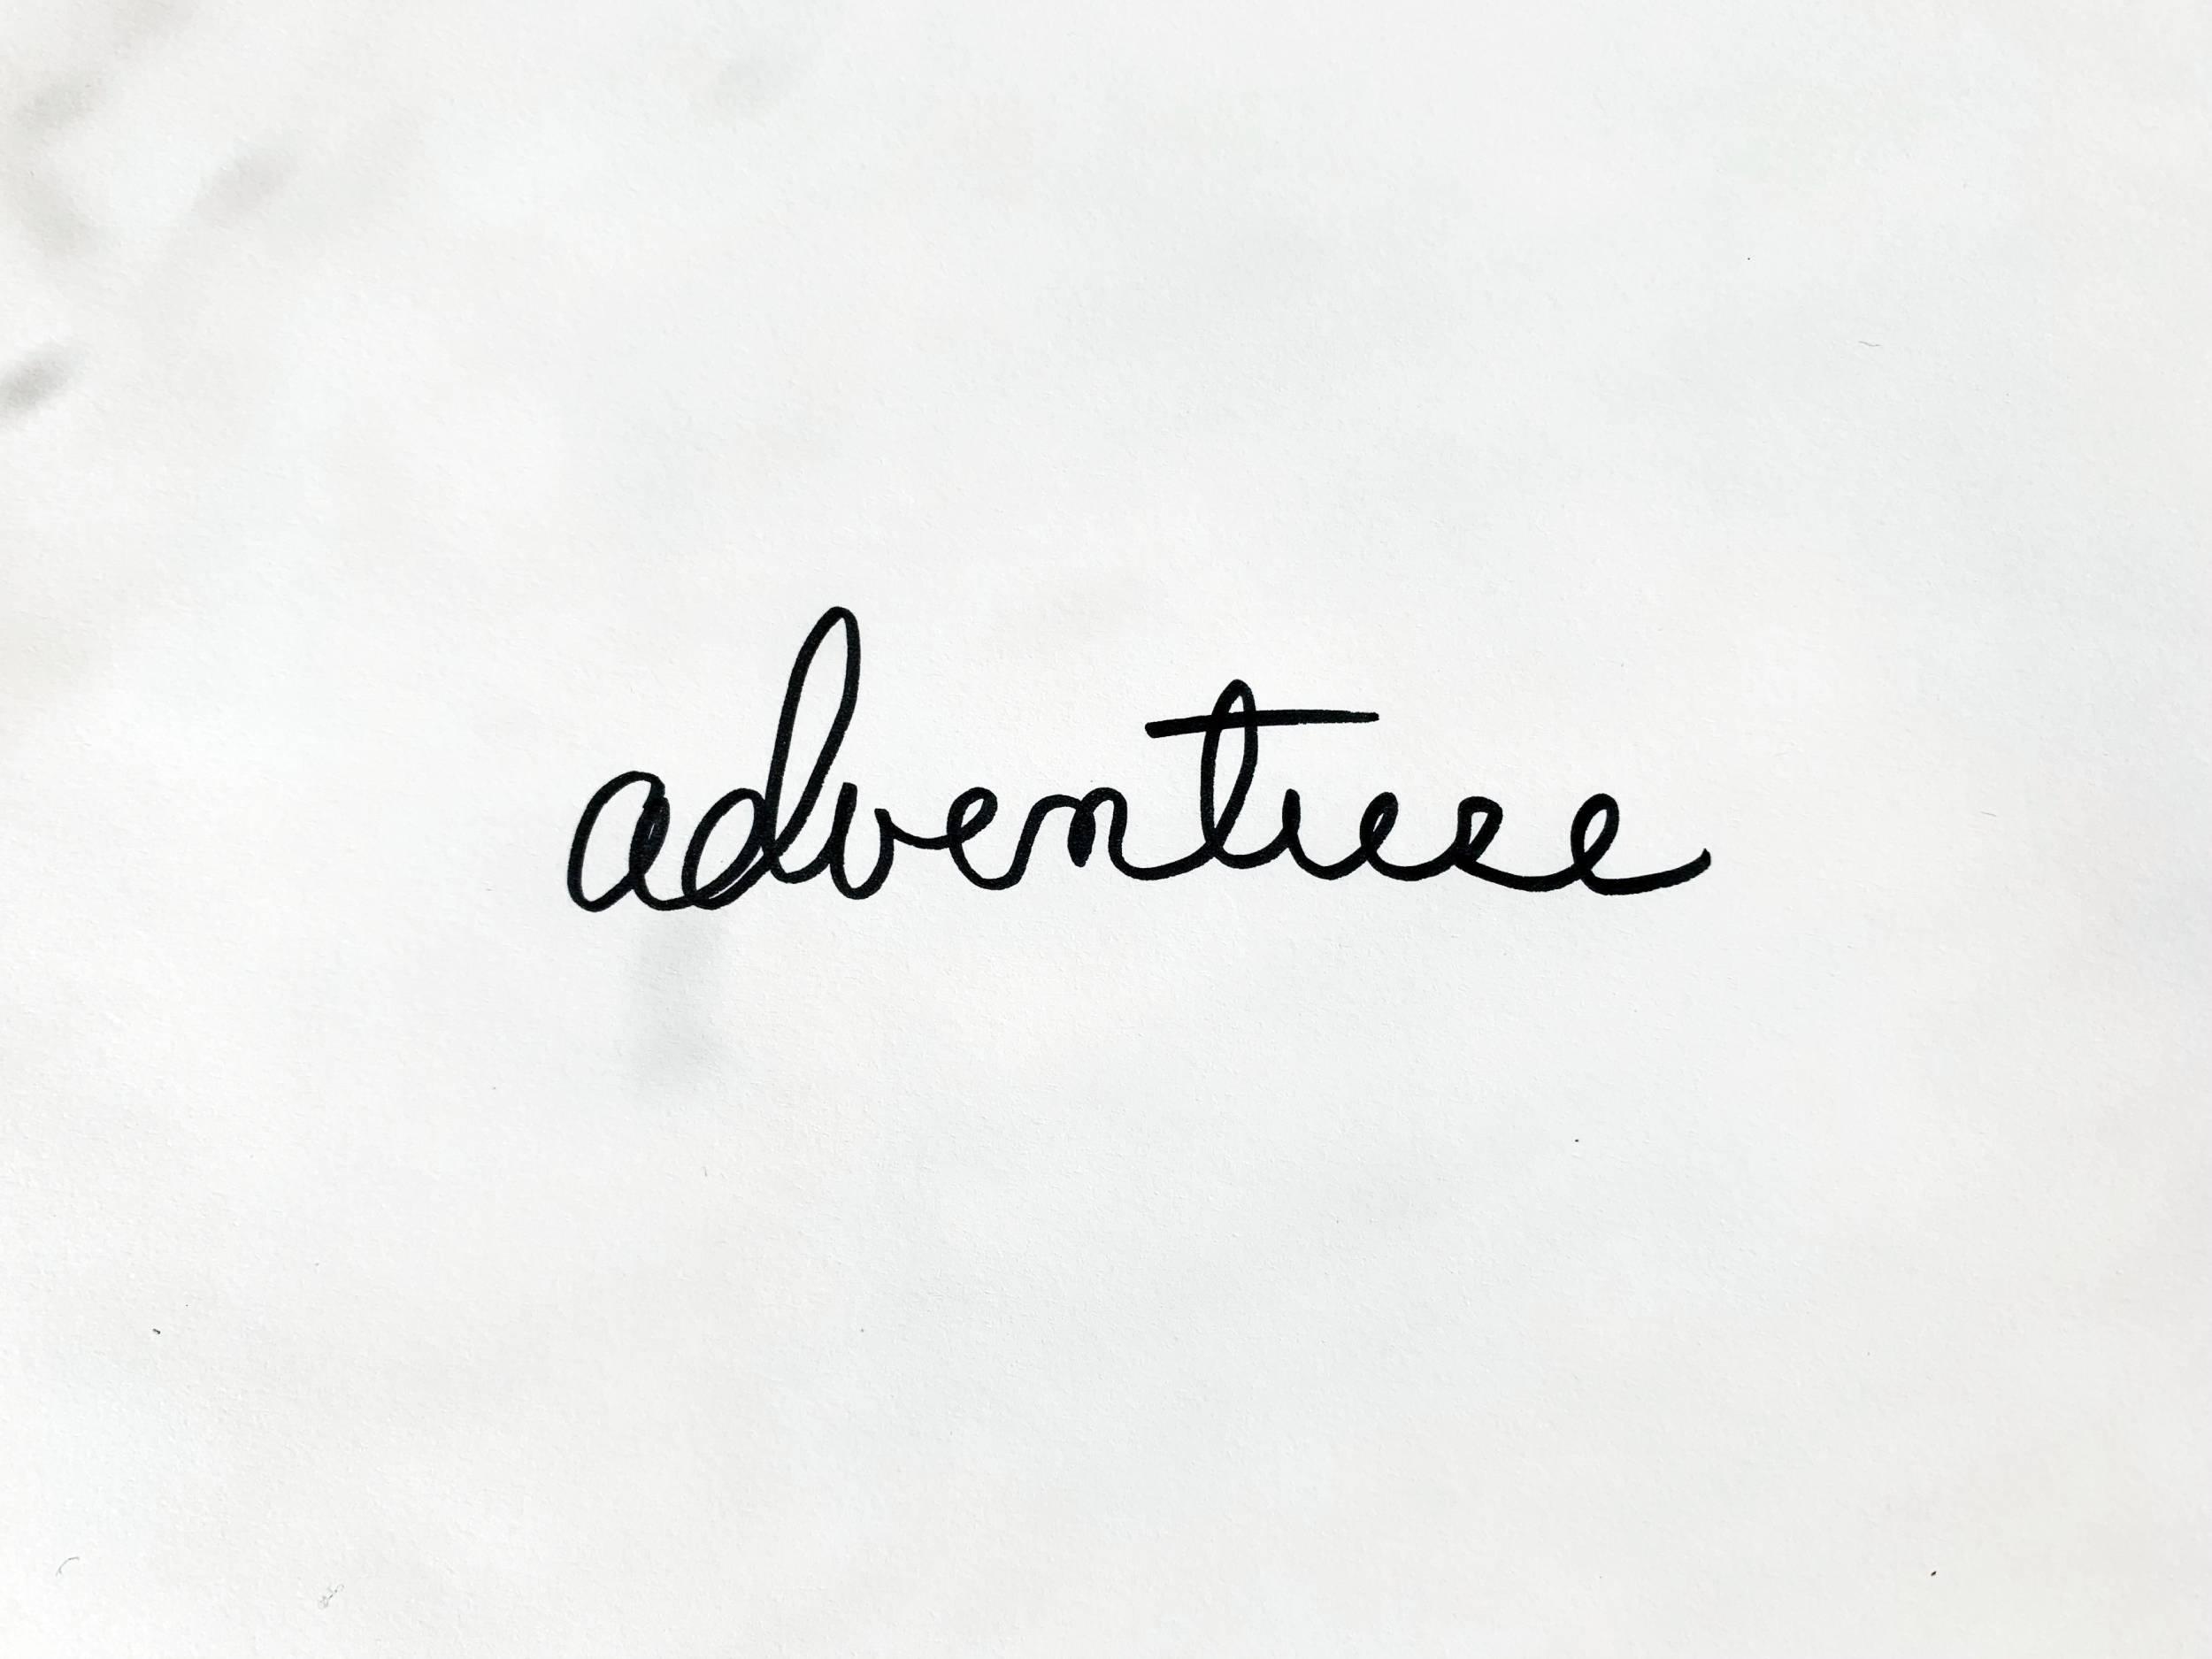 Adventure. Drawing Luke Hockley.